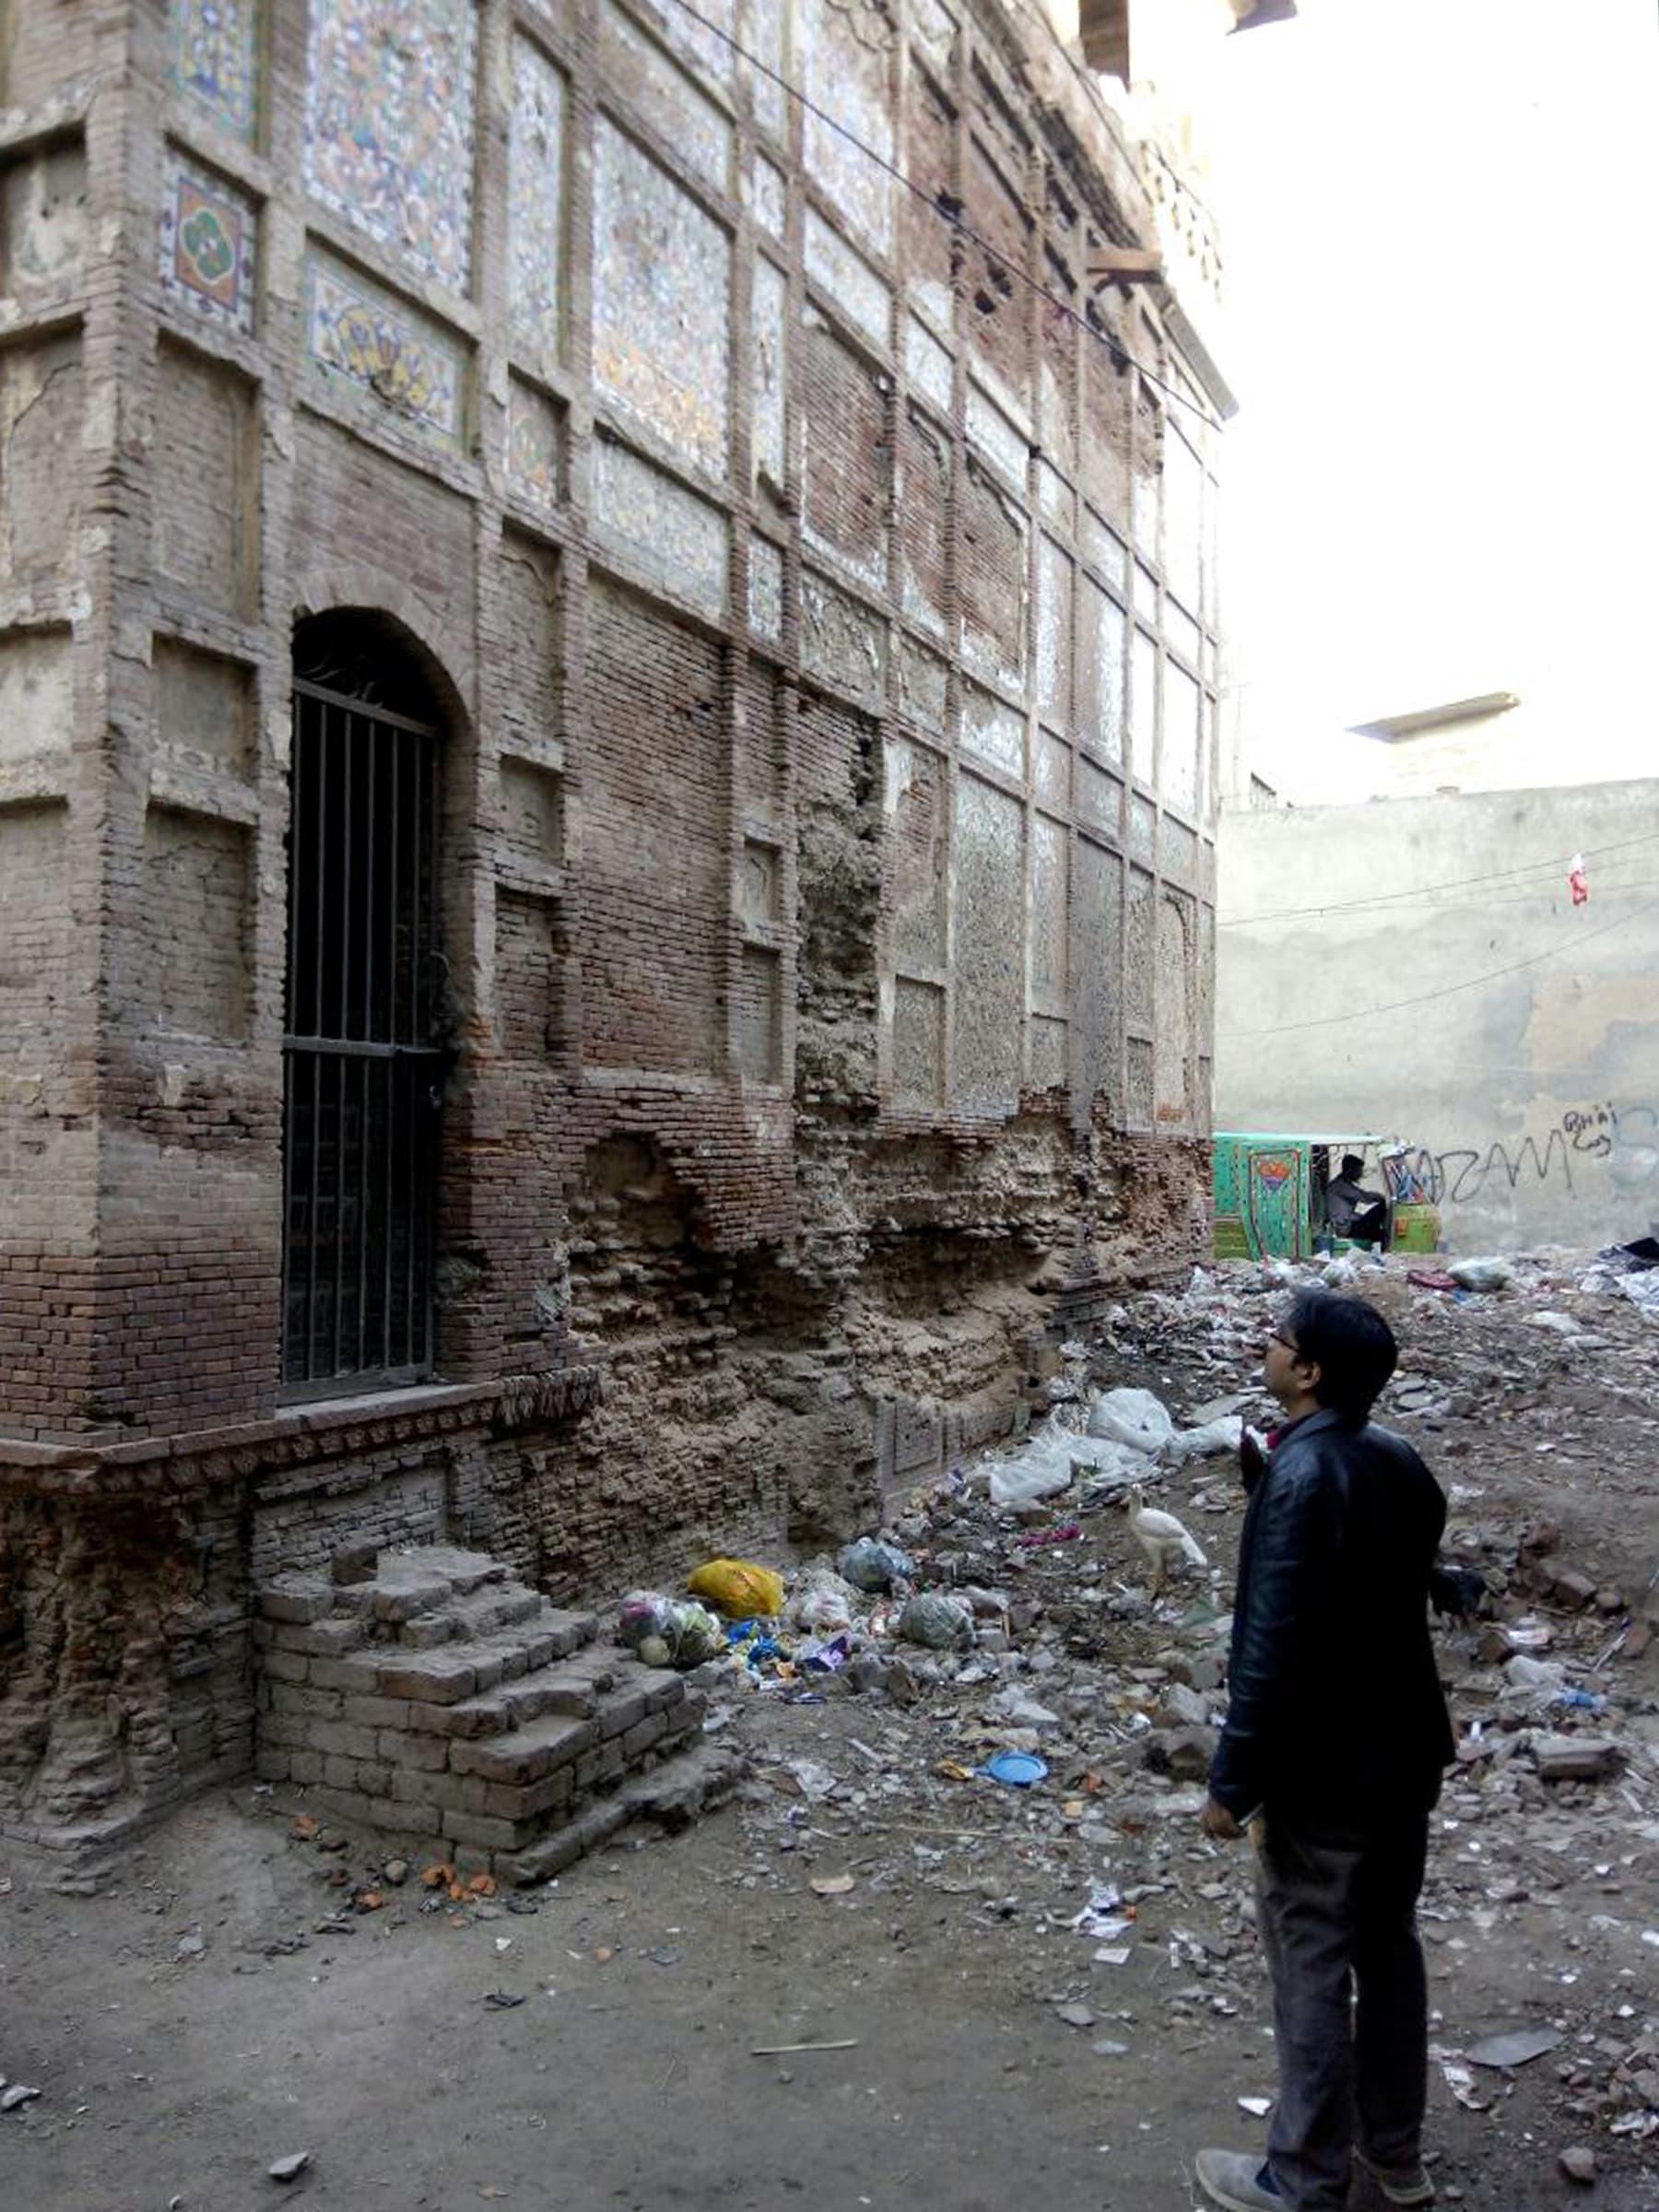 محکمہءِ آثار قدیمہ نے زیب النسا کے نام کی تختی یہاں نصب کر رکھی ہے